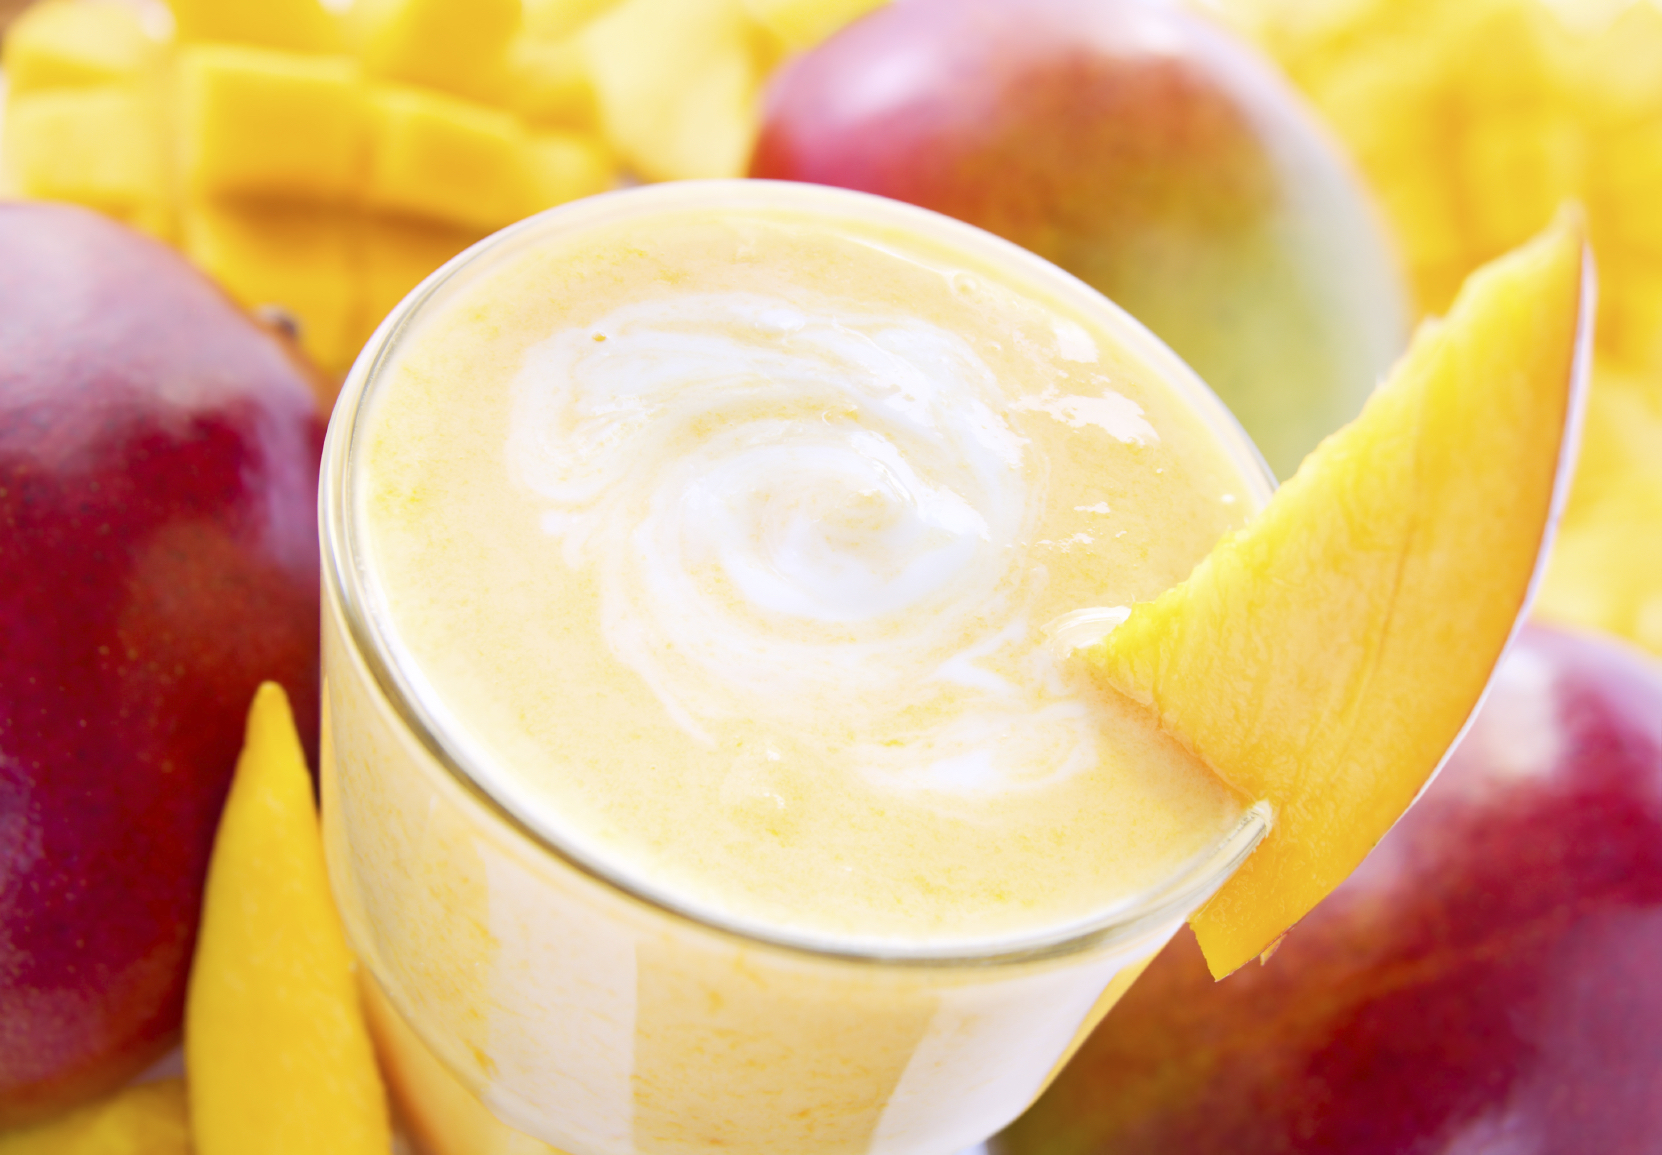 Breakfast mango smoothie/ Xarba tal-mango għall-kolazzjon